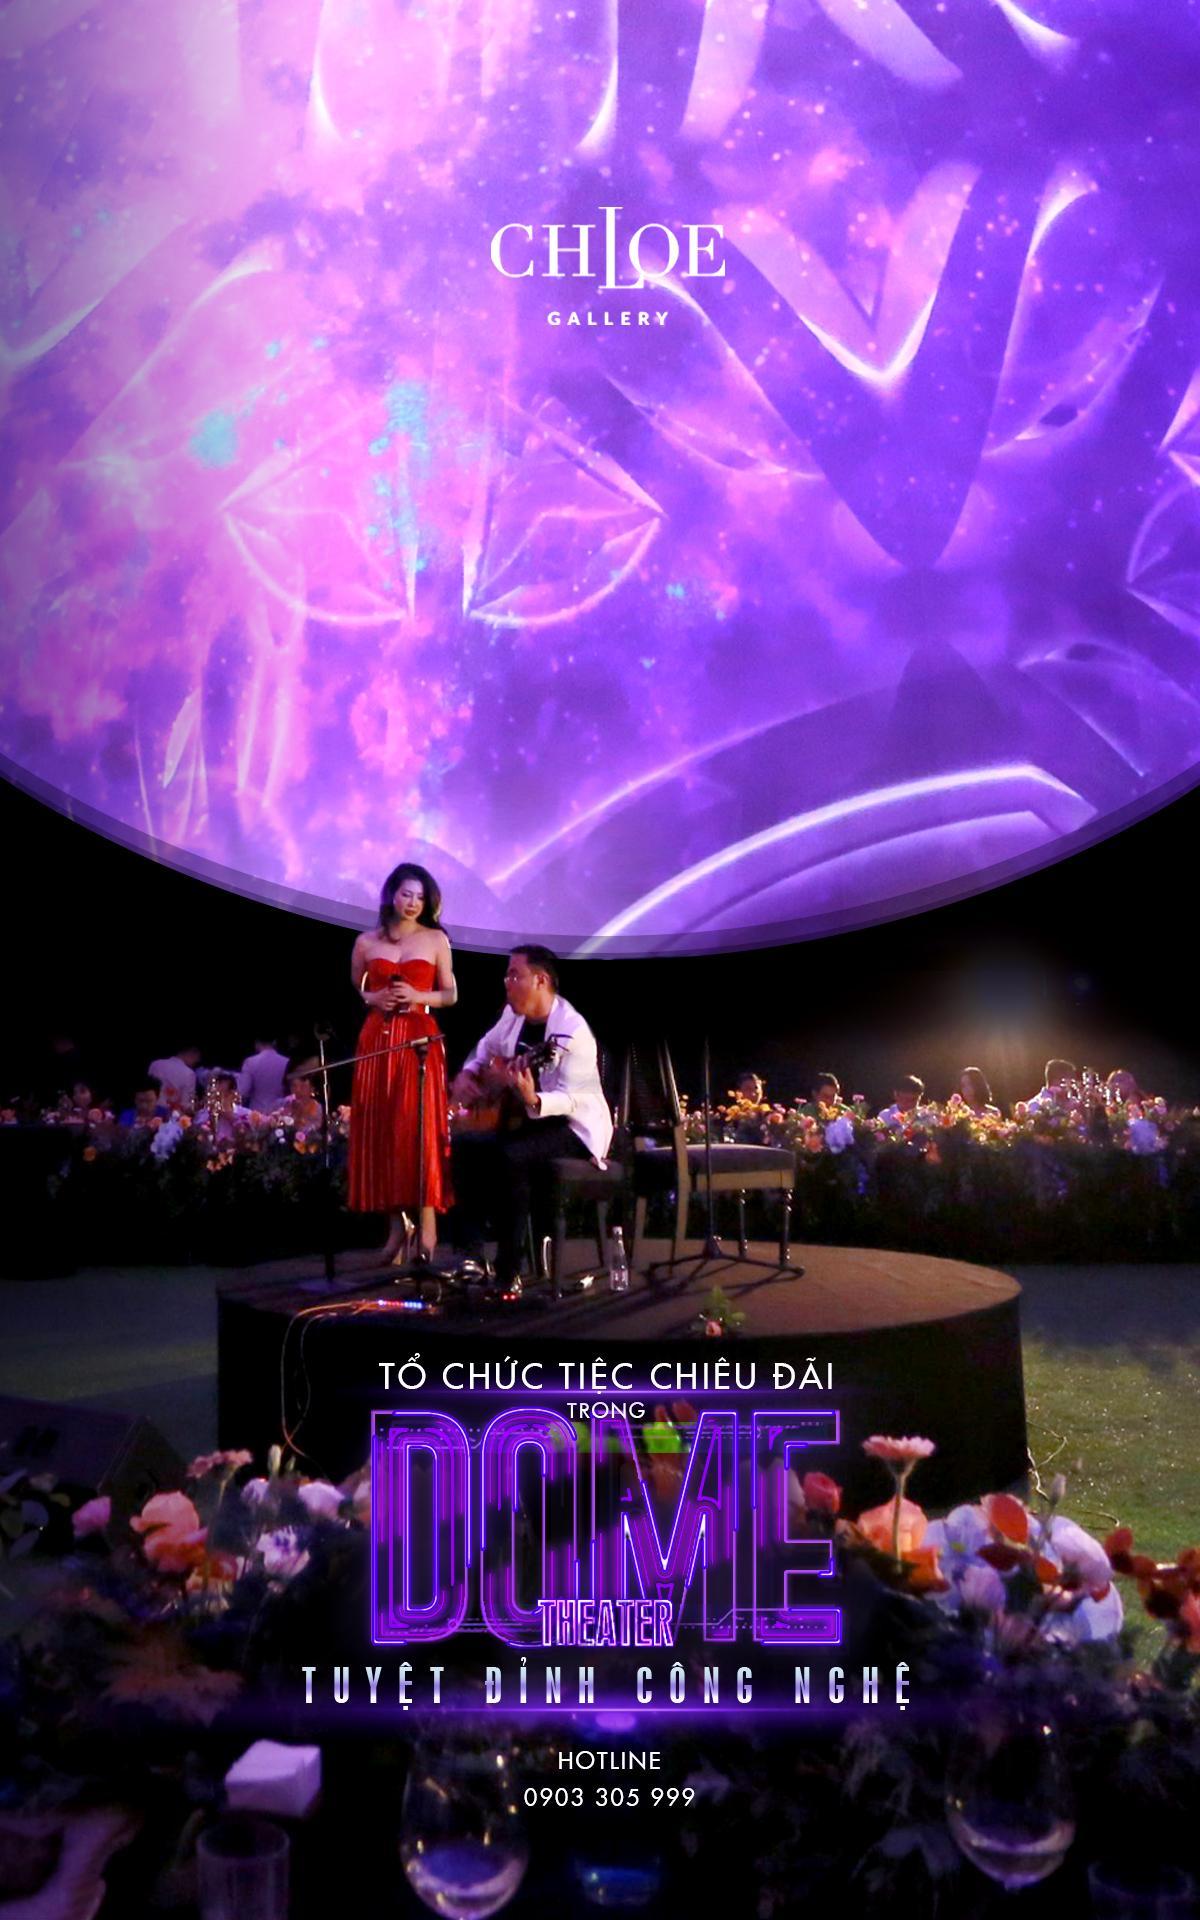 Trải nghiệm công nghệ trình diễn Event thượng đỉnh duy nhất tại Việt Nam